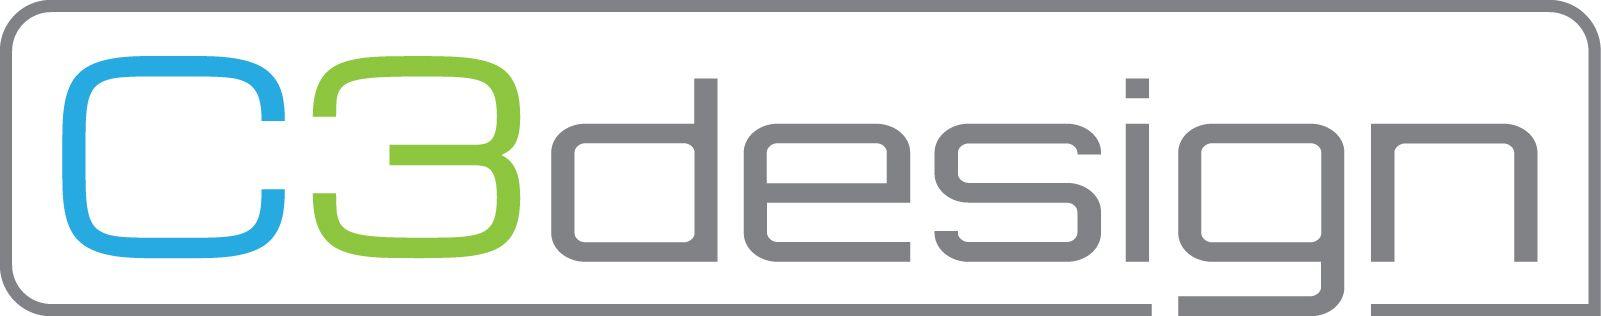 C3 Design, Inc. Logo